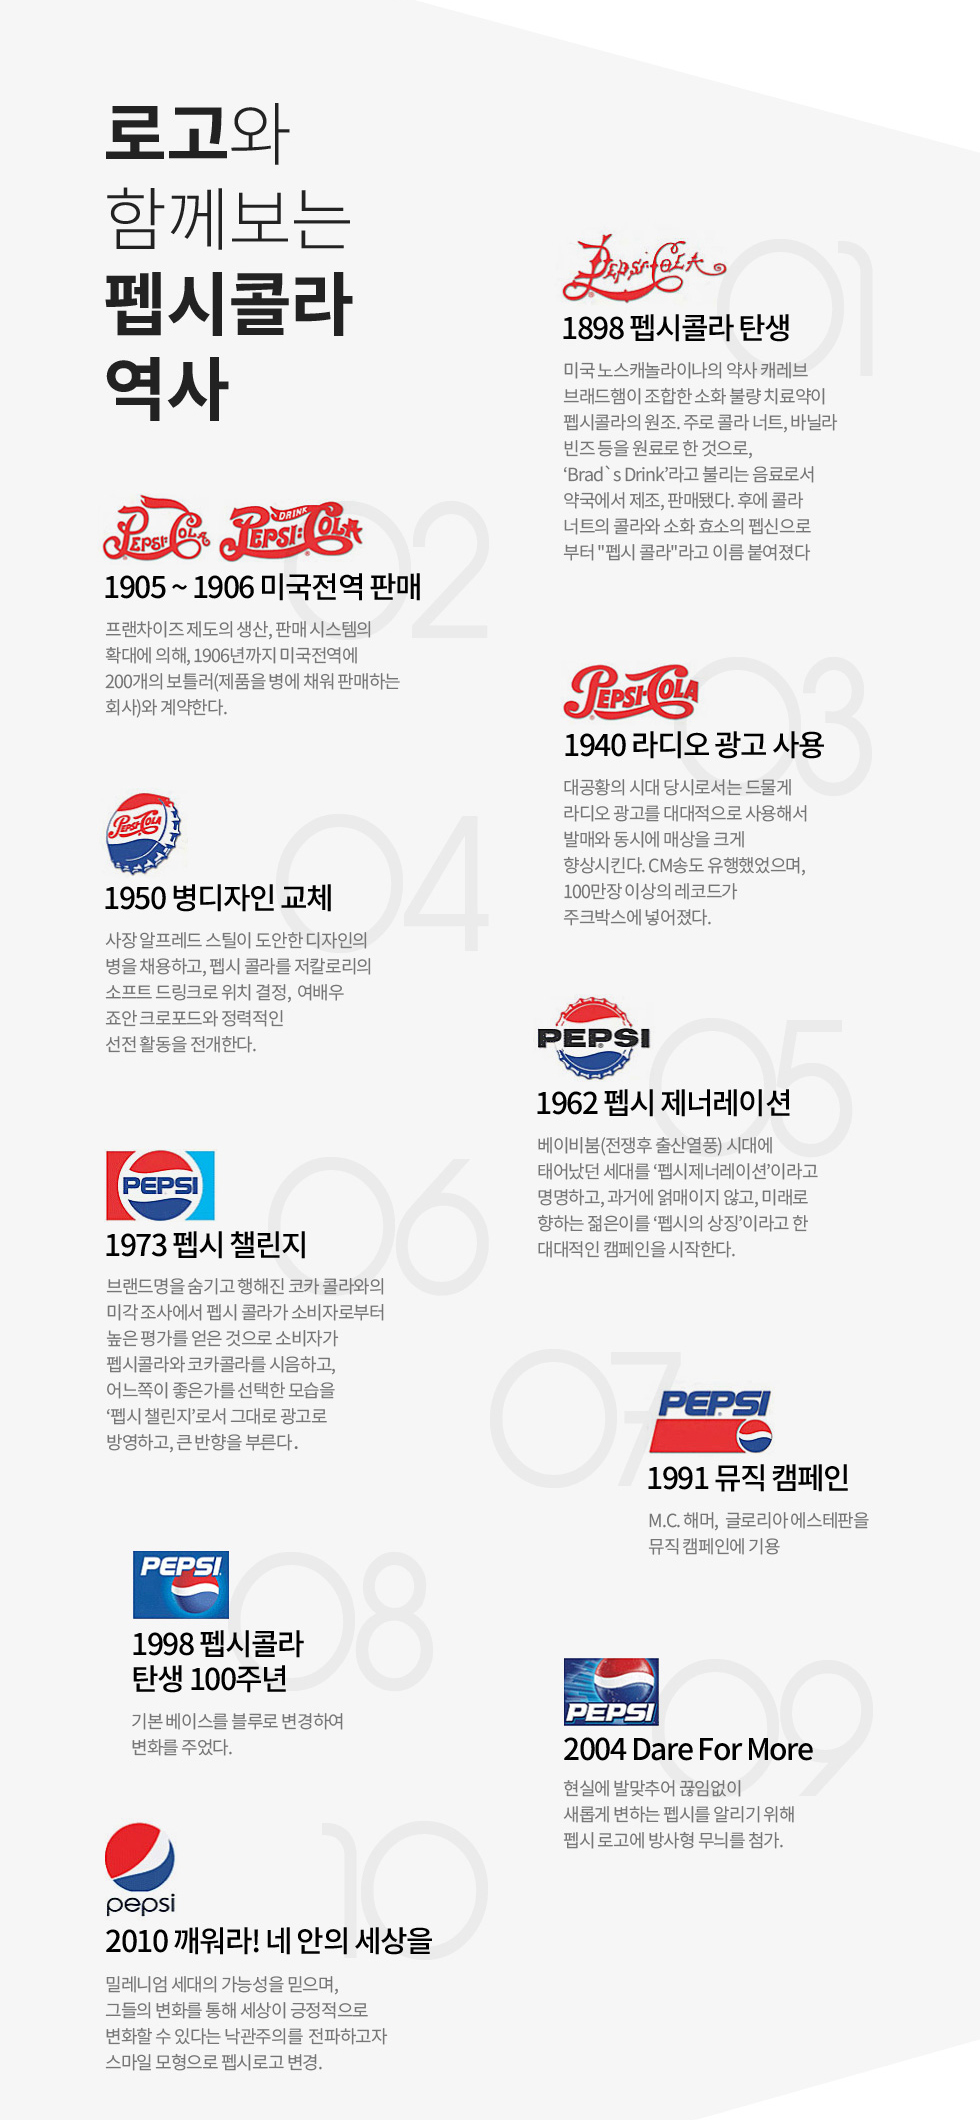 로고와 함께하는 펩시콜라 역사